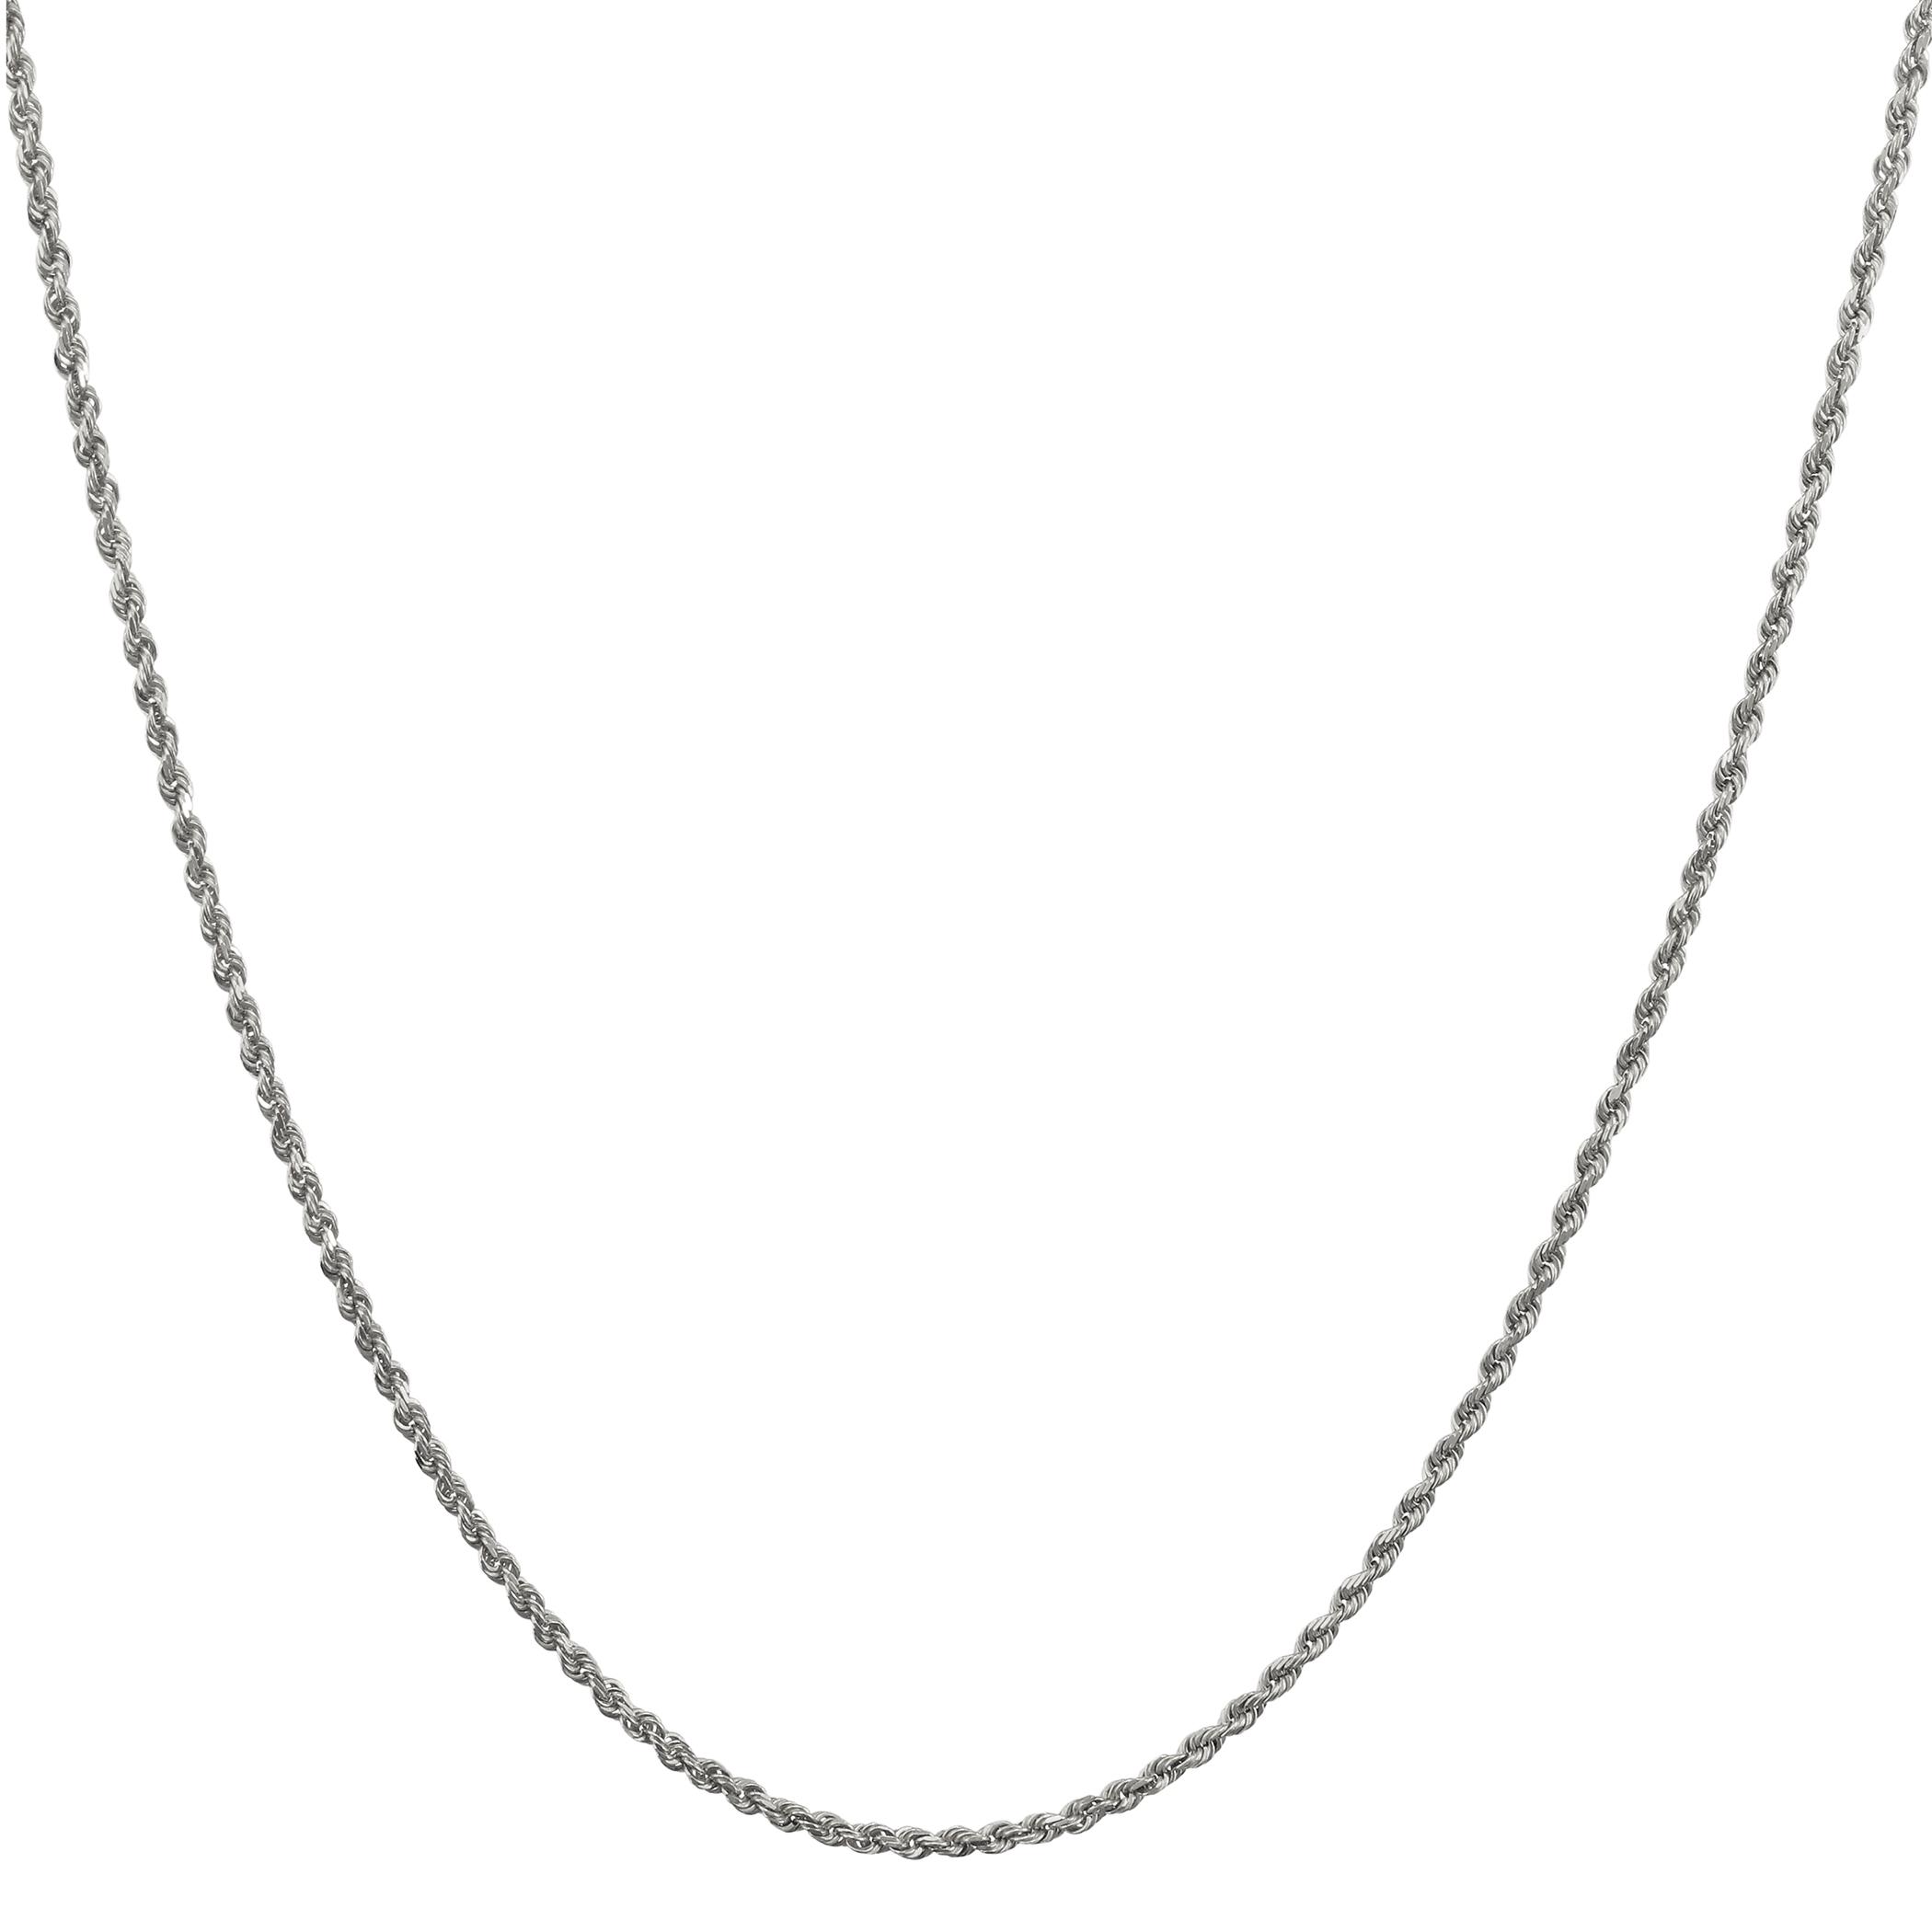 14k oro Bianco Massiccio 1.5mm Uomo Donna D C Collana Collana Collana con Ciondolo 40.6cm-66cm 5f0d03